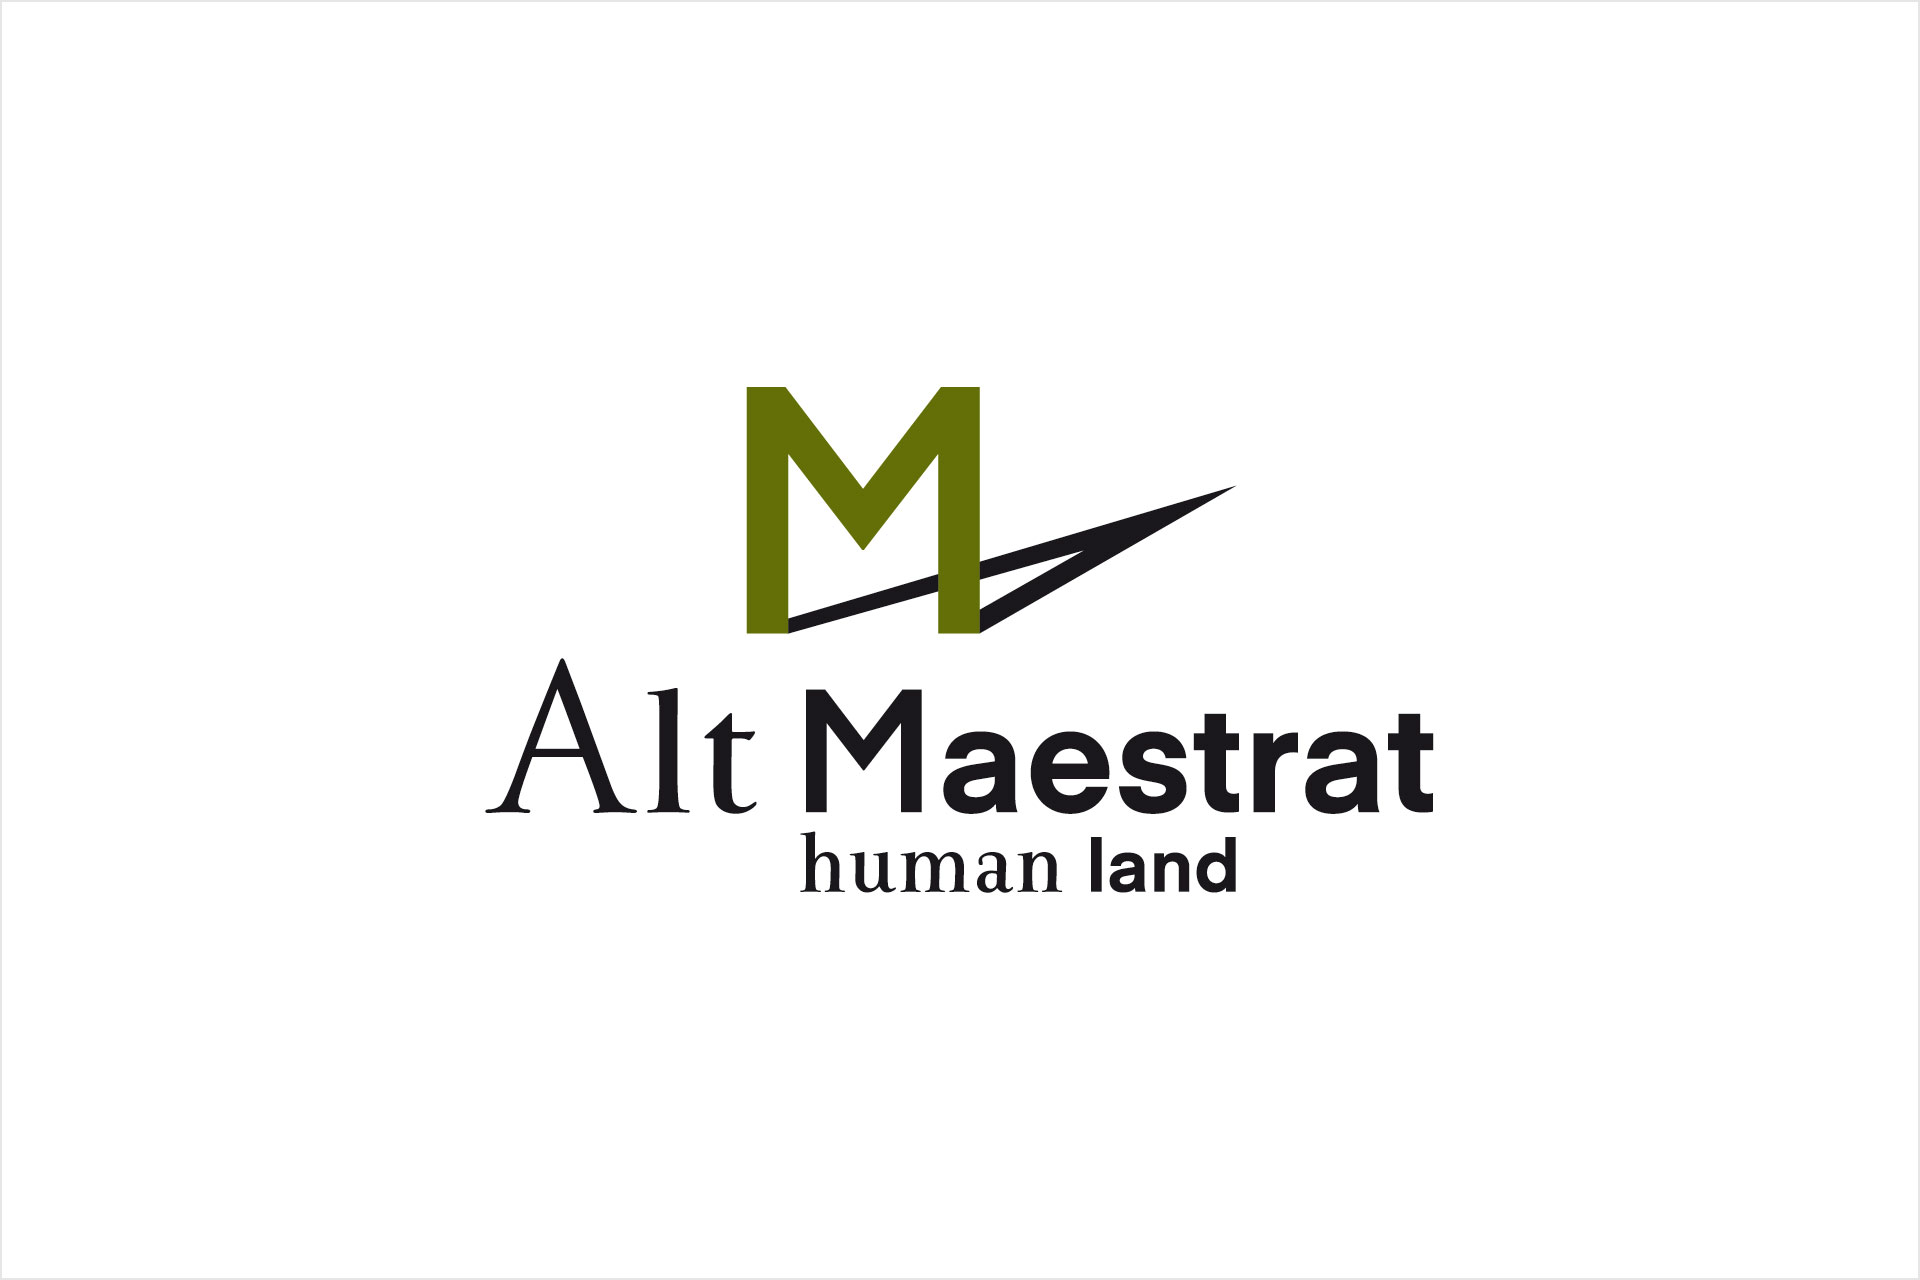 Eventos en el Alt Maestrat